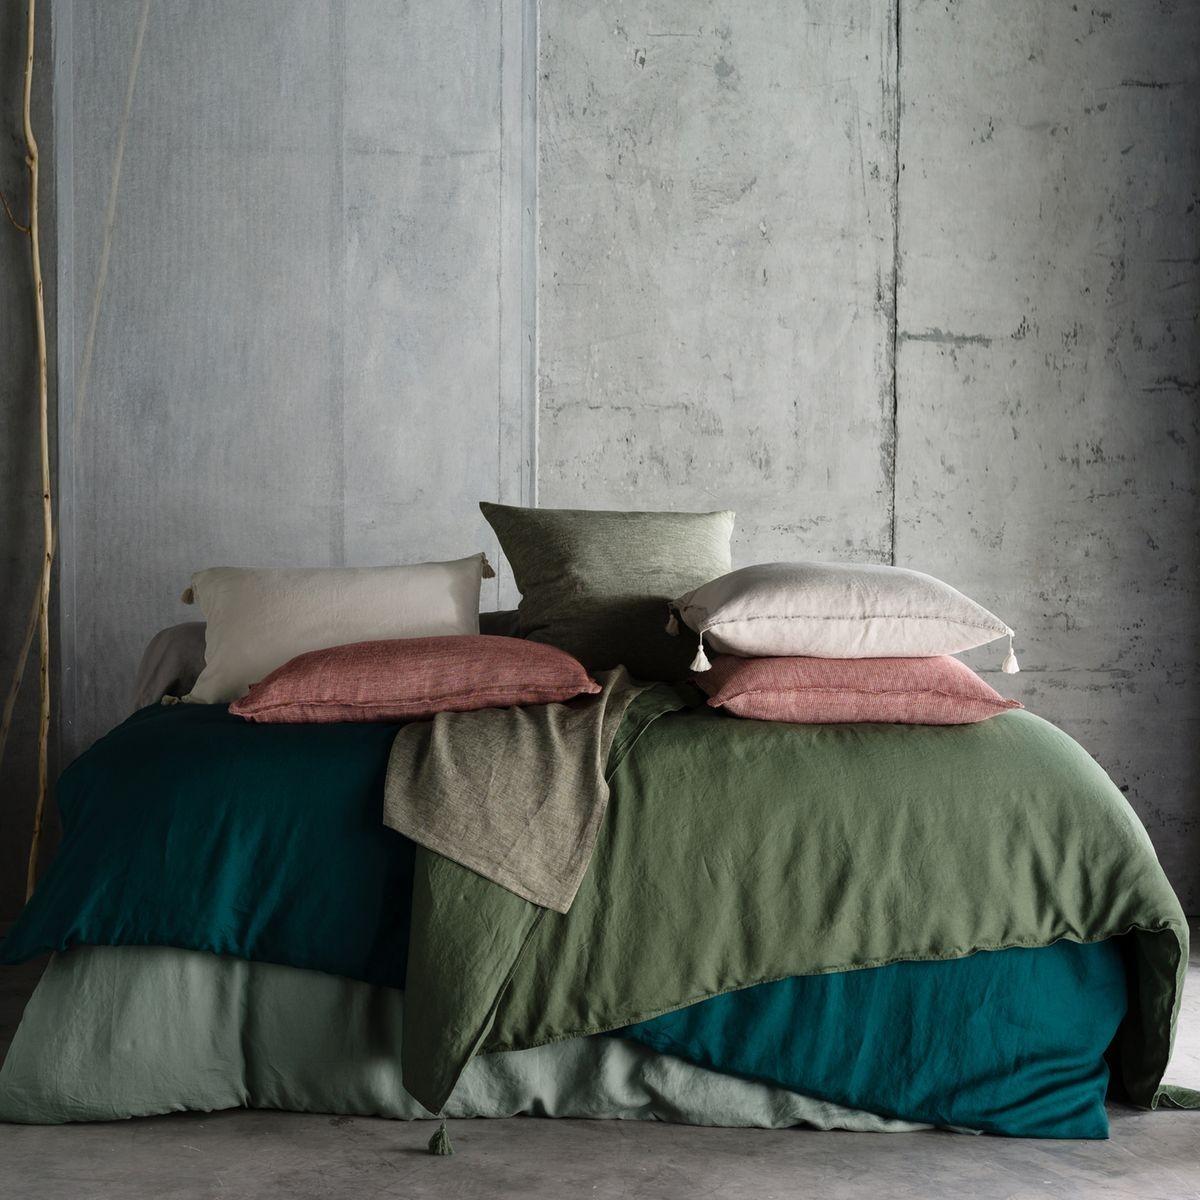 dans de beaux draps punky b blog mode. Black Bedroom Furniture Sets. Home Design Ideas